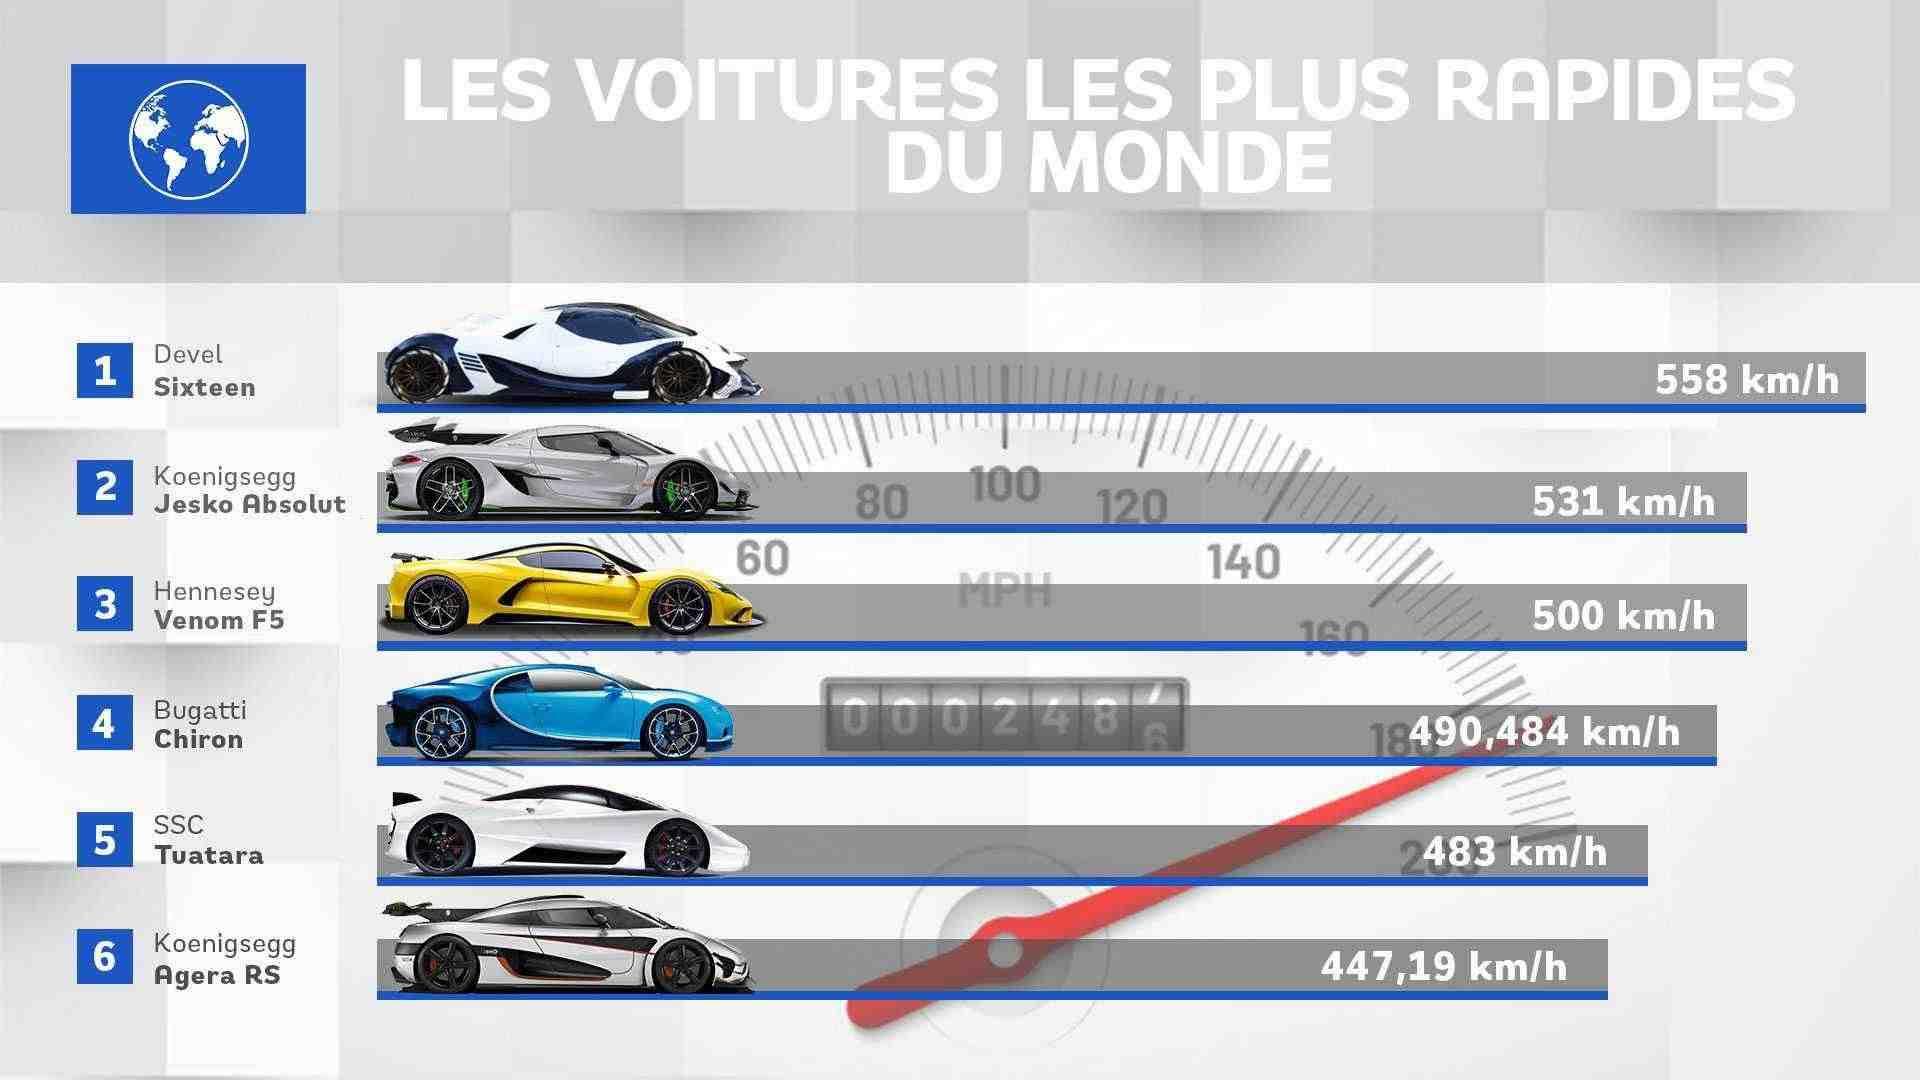 Quelle est la voiture française la plus rapide ?